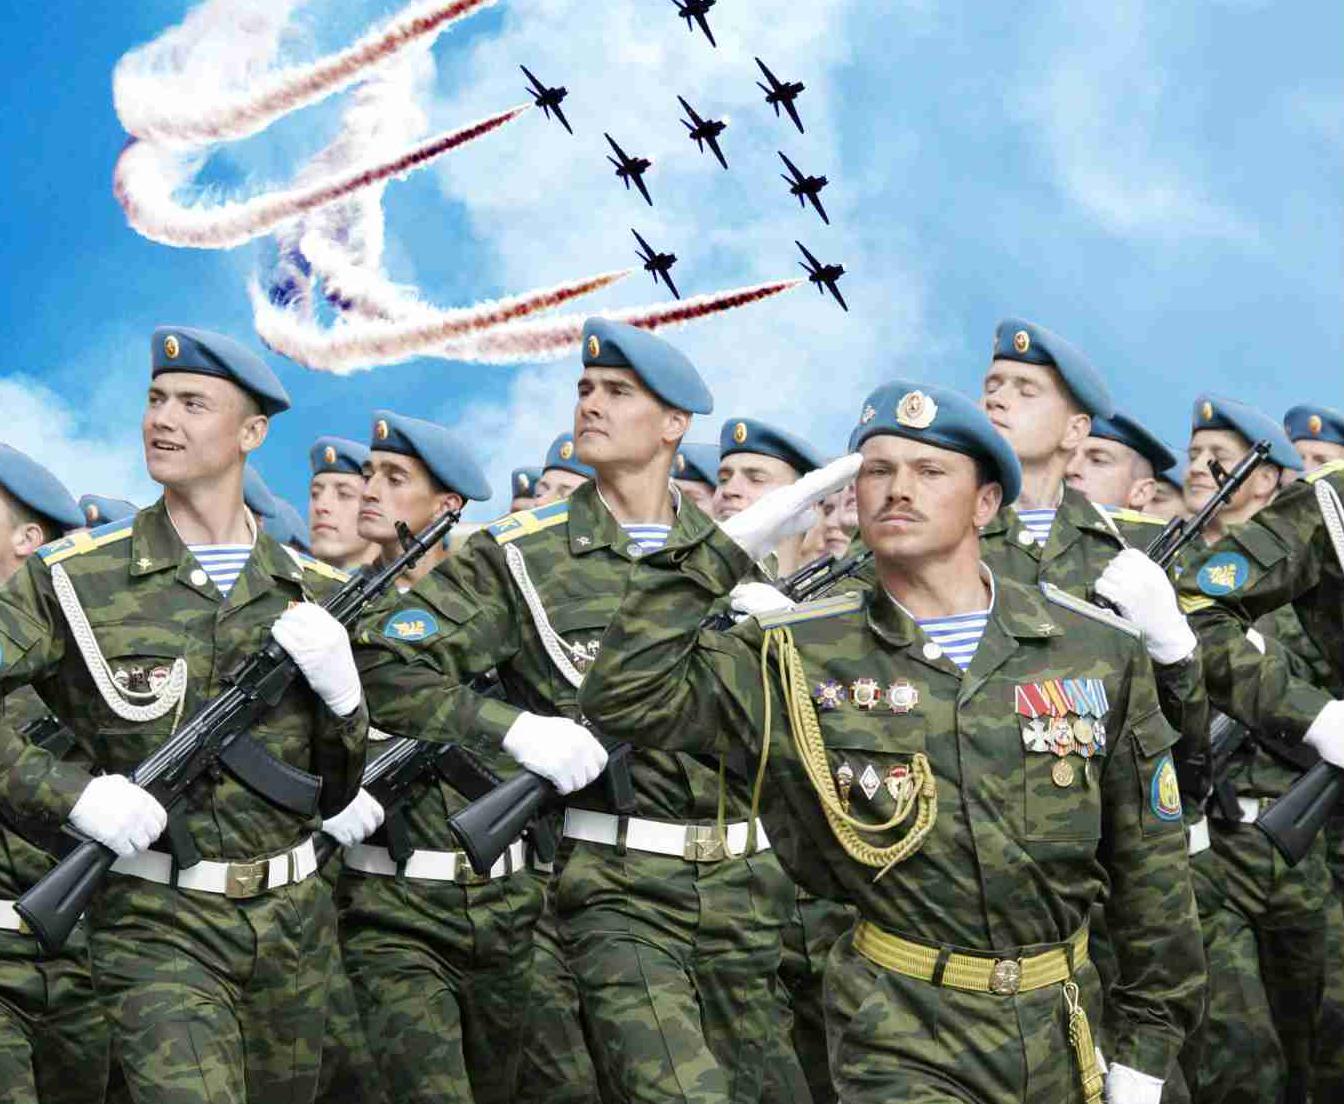 приоритетных день армии картинки для тусклым светом фонарика